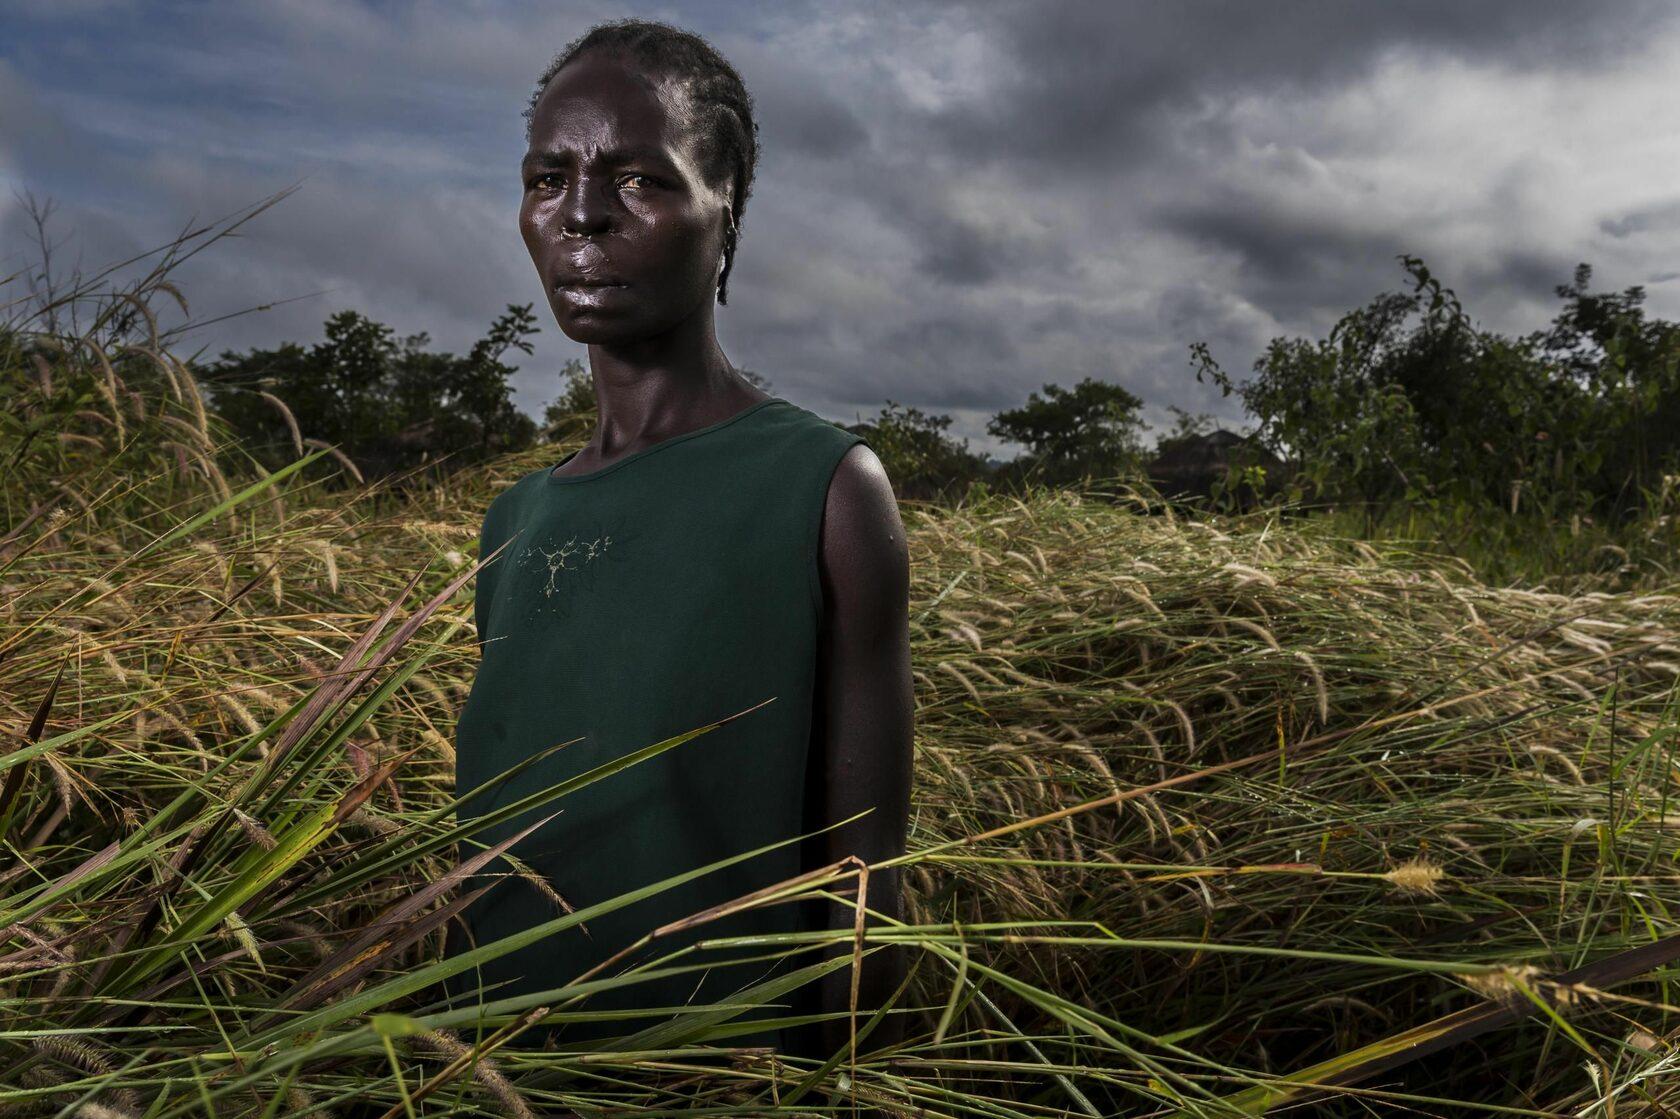 Фотография одного из победителей в престижной премии по фотожурналистике  World Press Photo